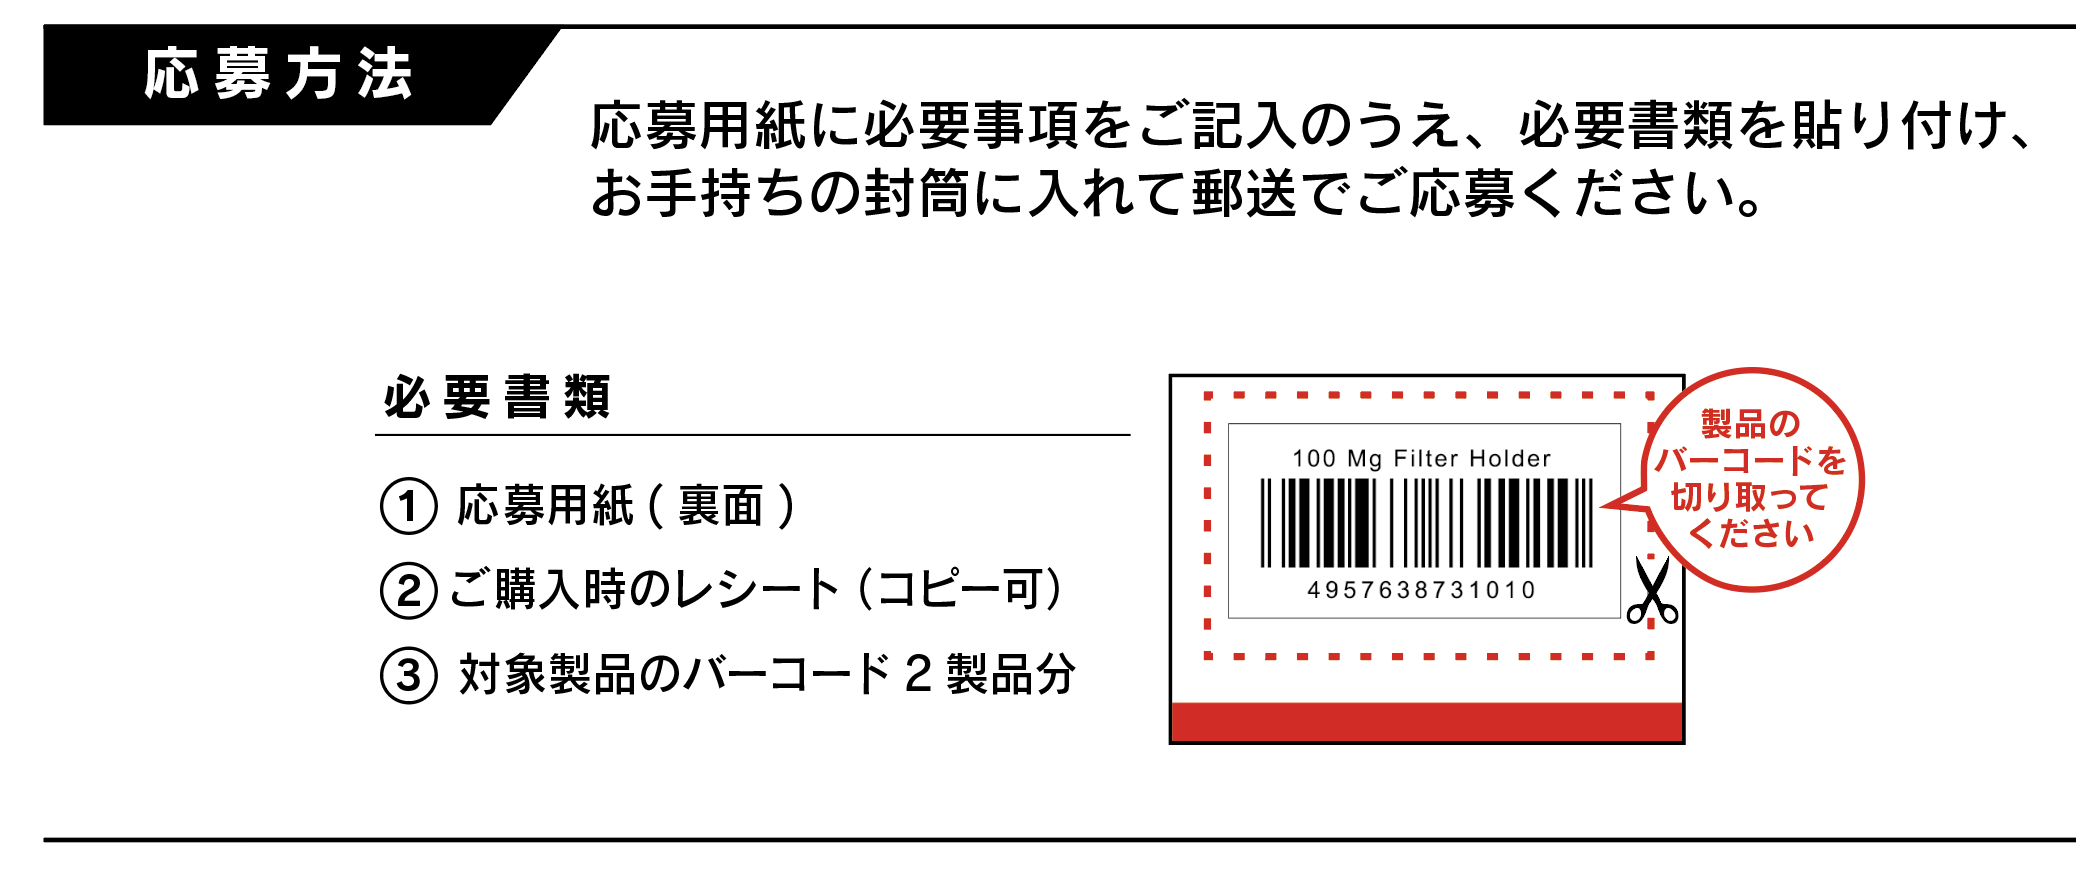 2021年8月7日(土)から「絶対!もらえるキャンペーン」角型フィルター製品2点ご購入してご応募いただいた方全員にもれなくプレゼント!